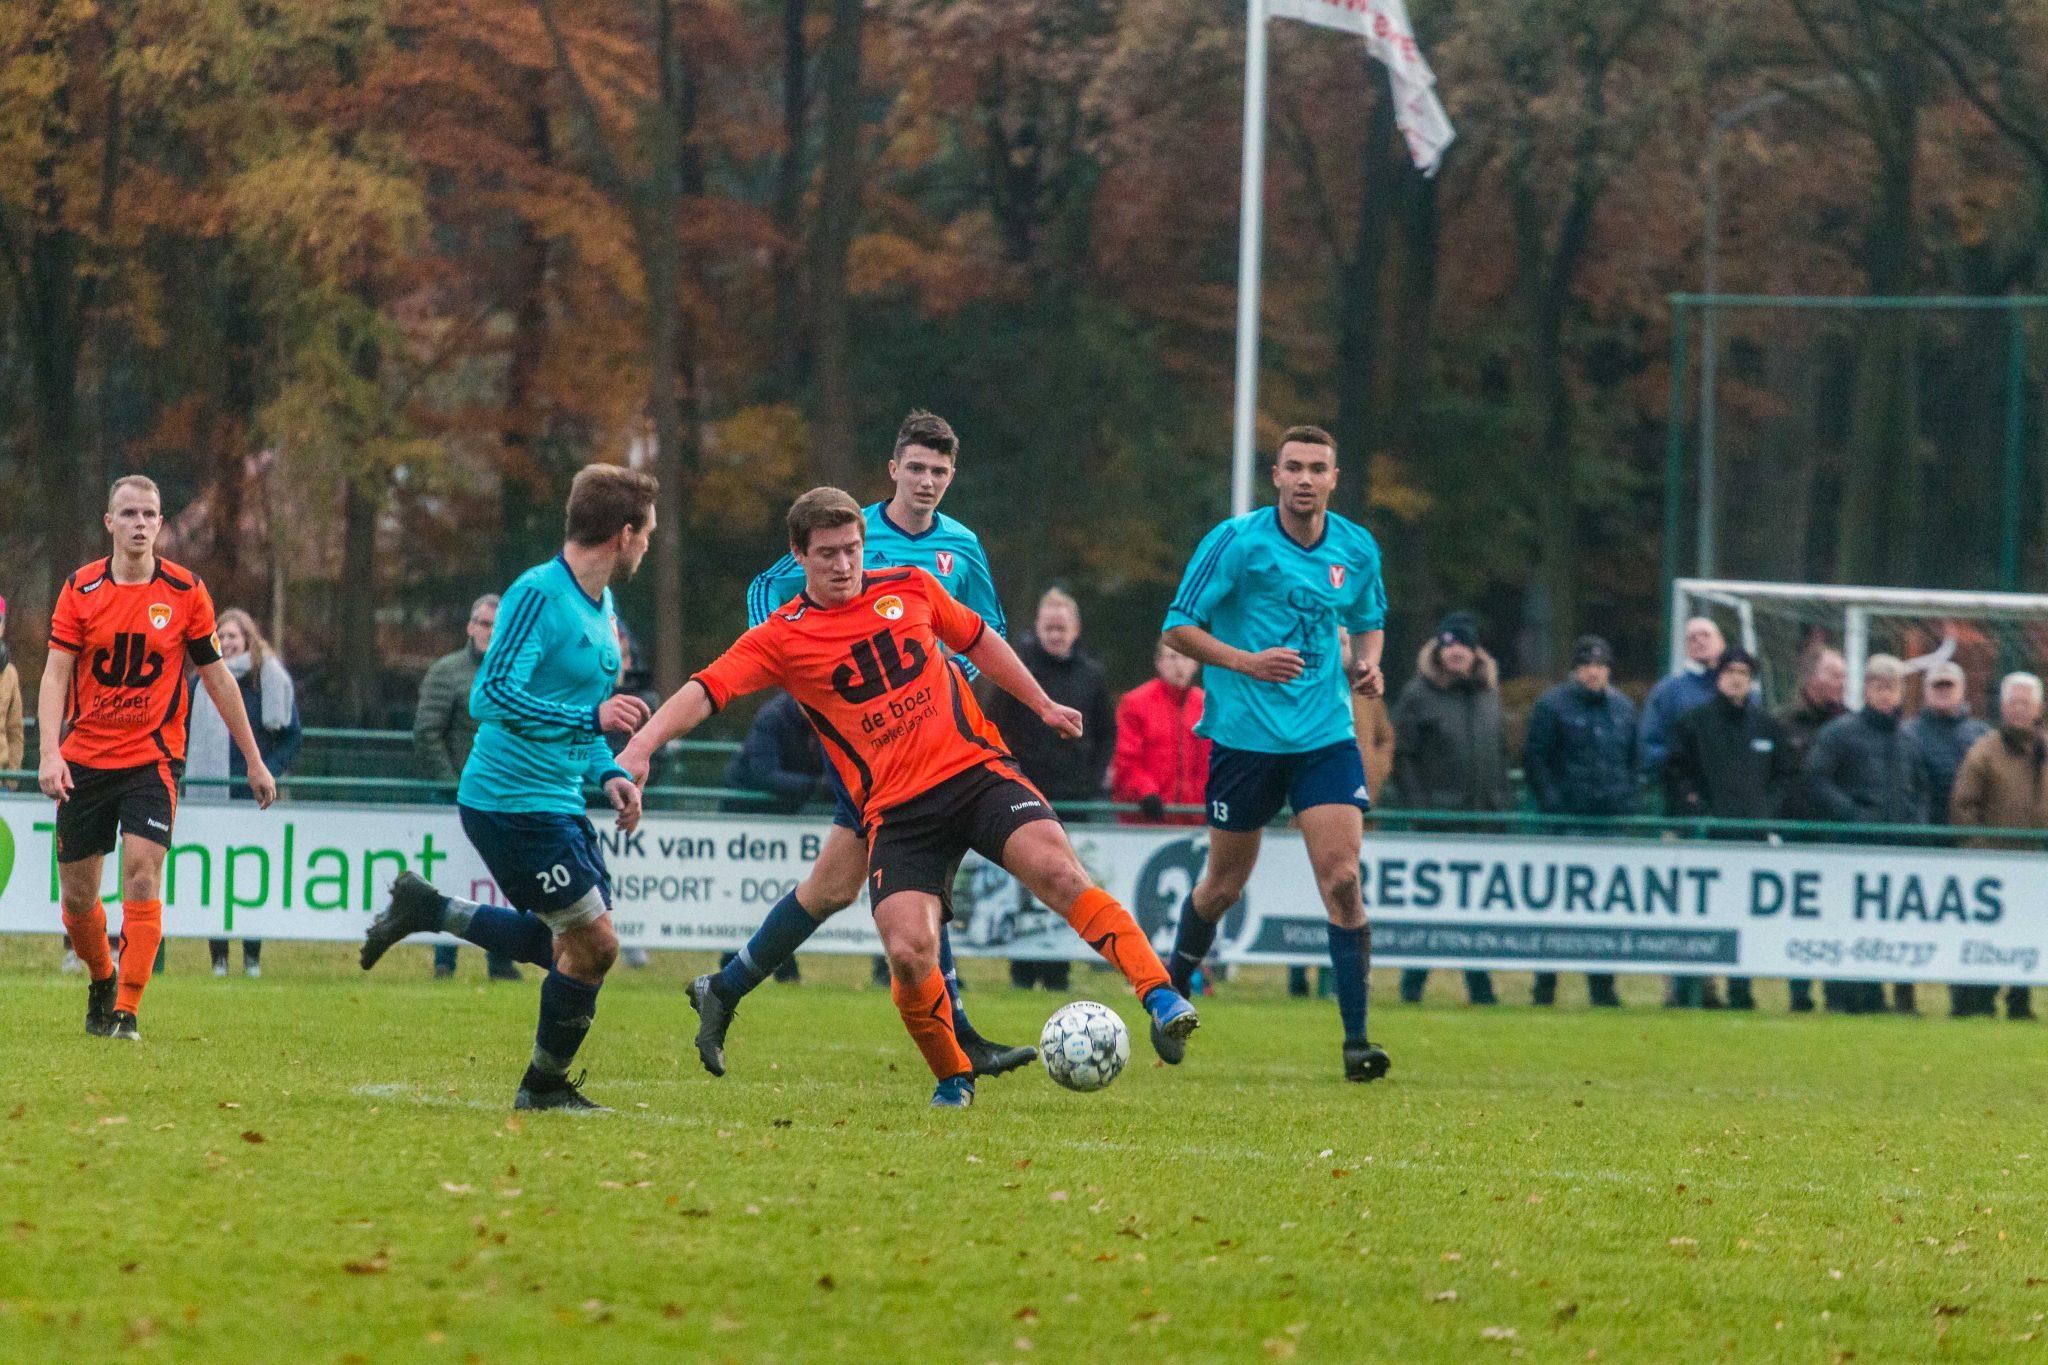 Derby tussen DSV '61 - Hulshorst blijft onbeslist (1-1)